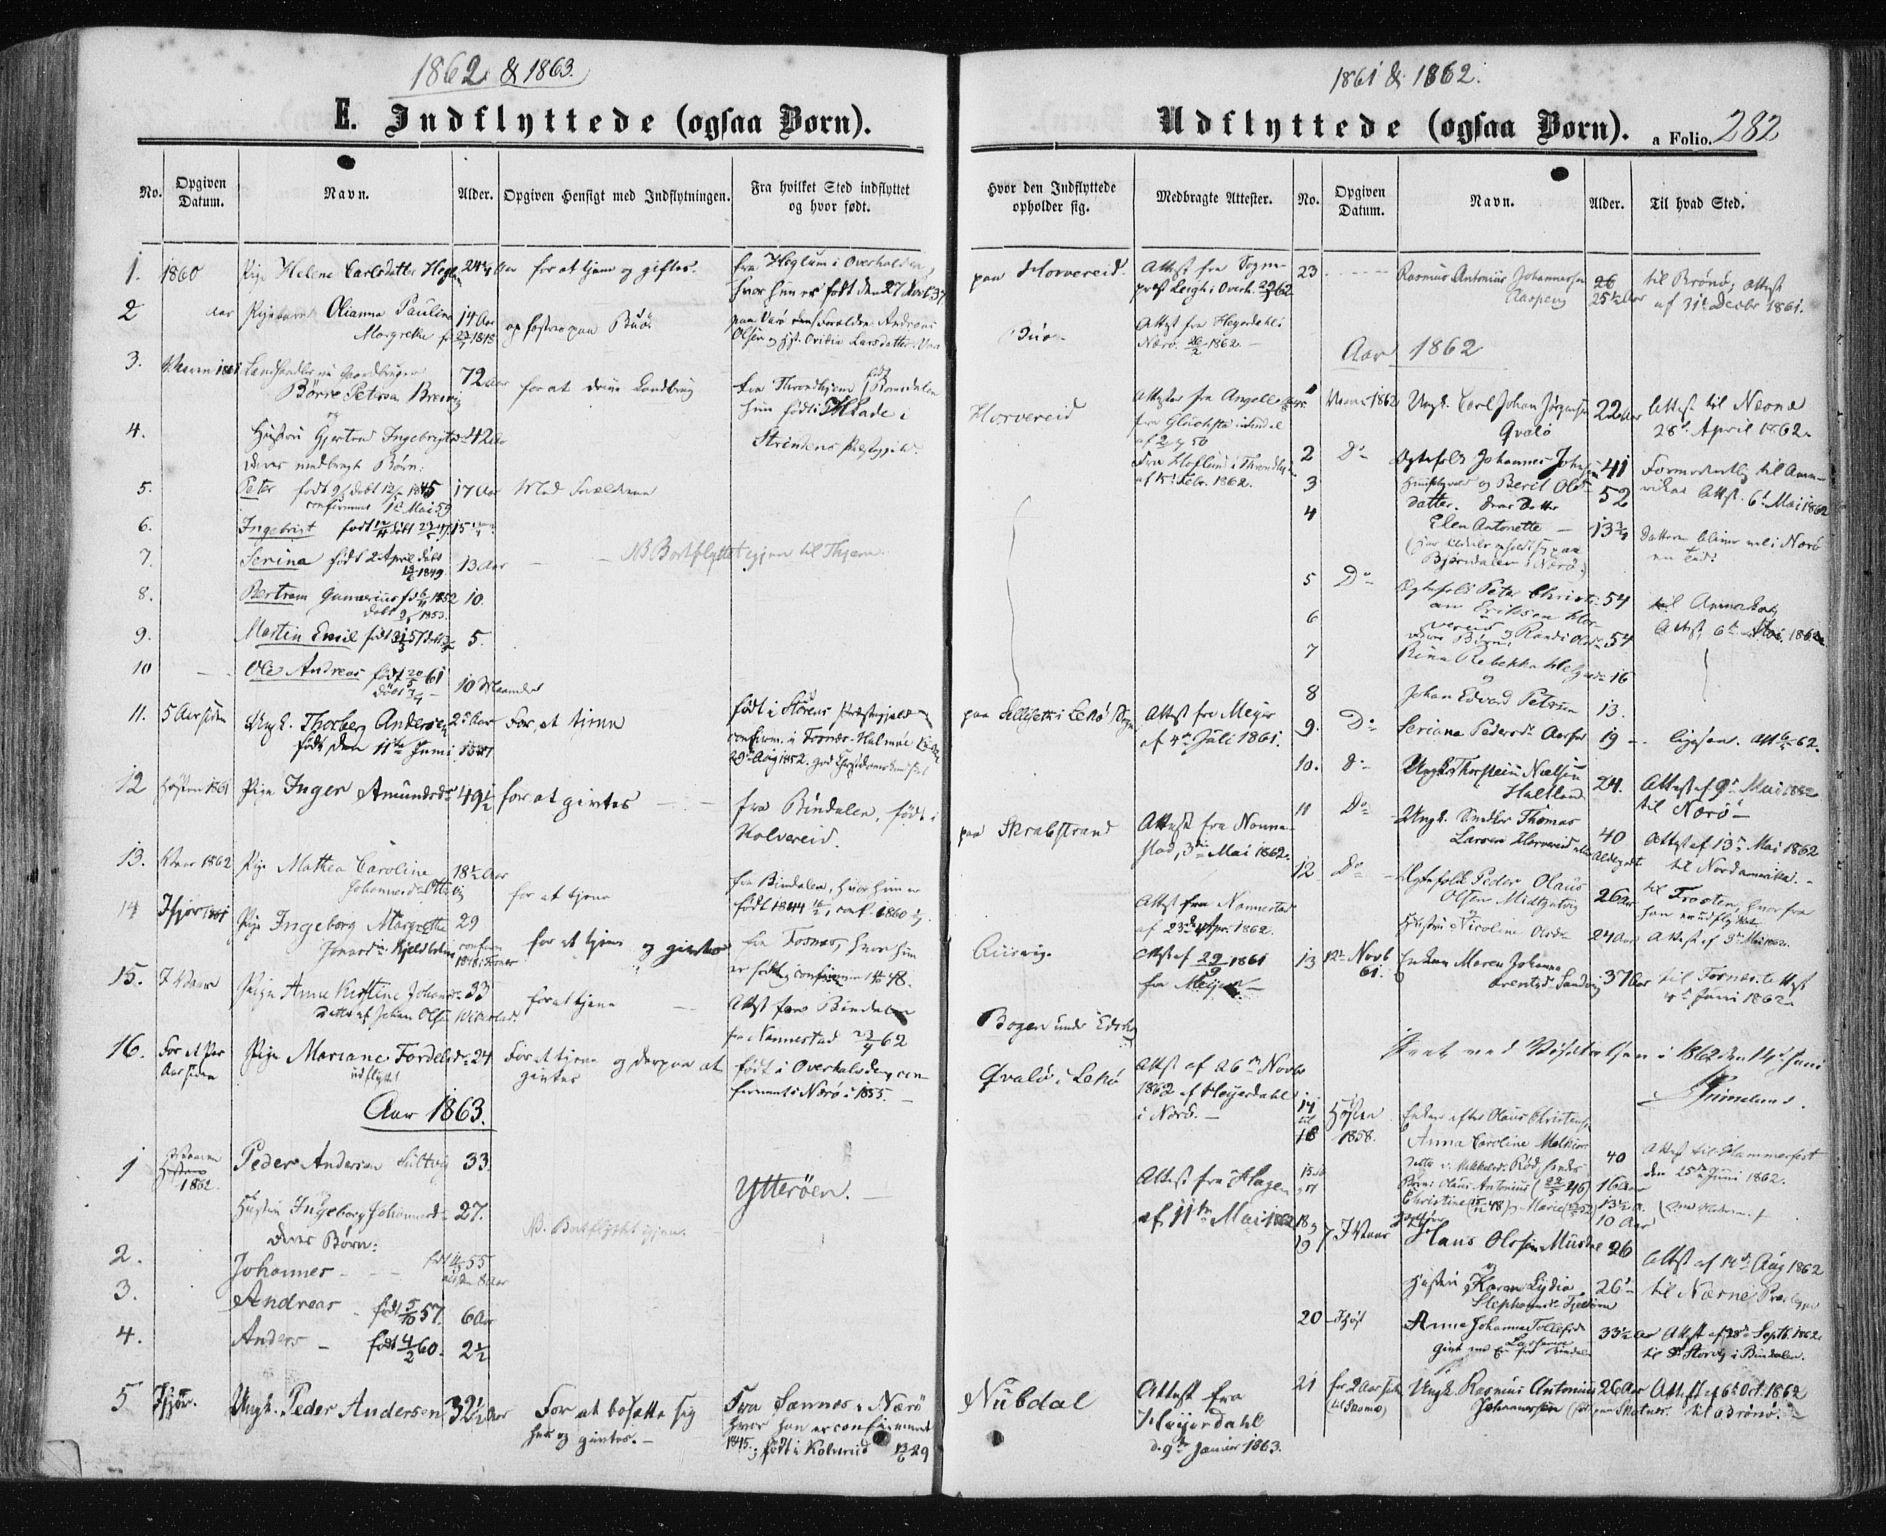 SAT, Ministerialprotokoller, klokkerbøker og fødselsregistre - Nord-Trøndelag, 780/L0641: Ministerialbok nr. 780A06, 1857-1874, s. 282